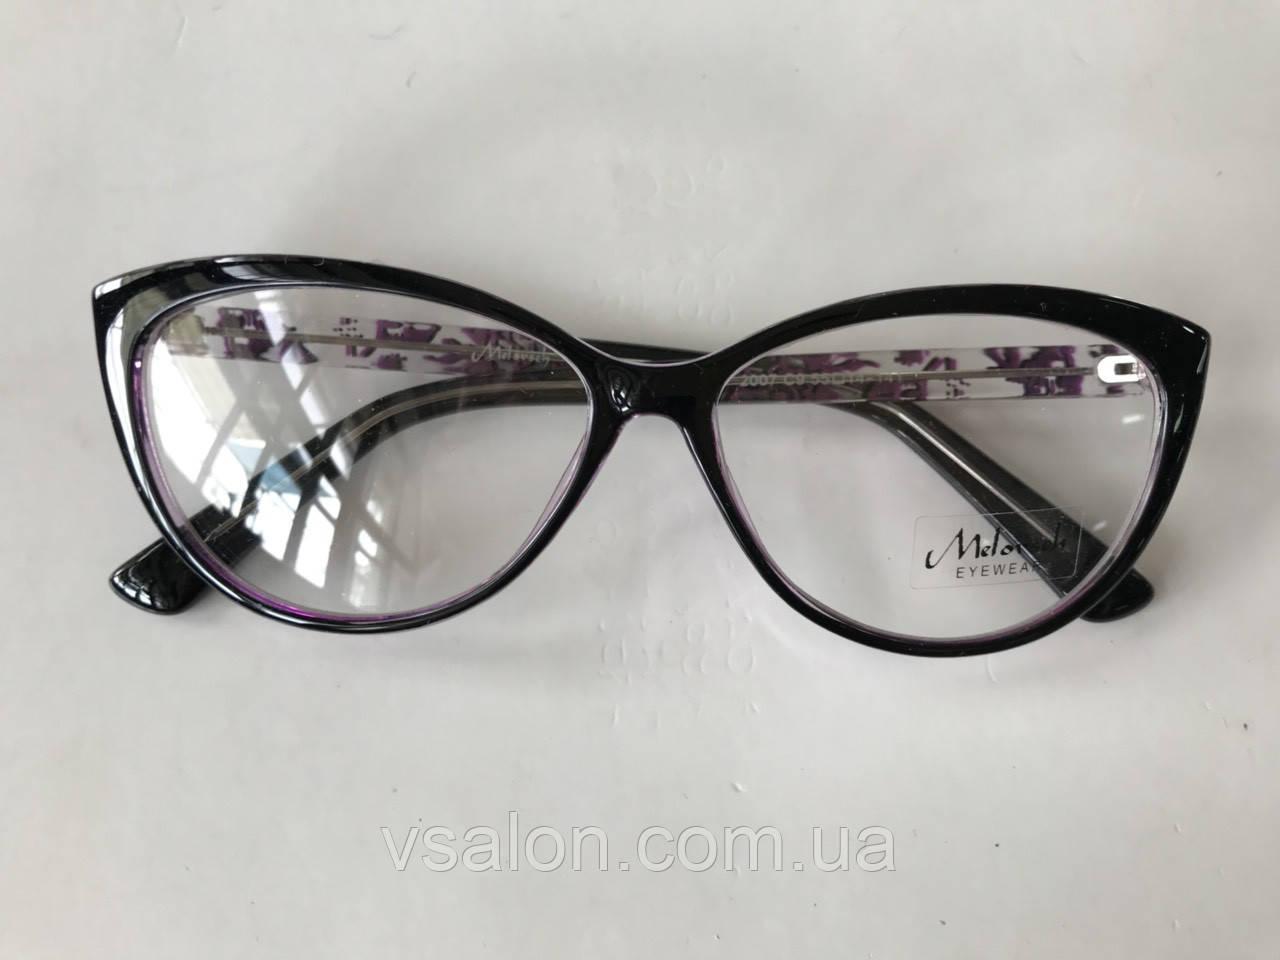 Жіночі іміджеві окуляри Melorsch 2007